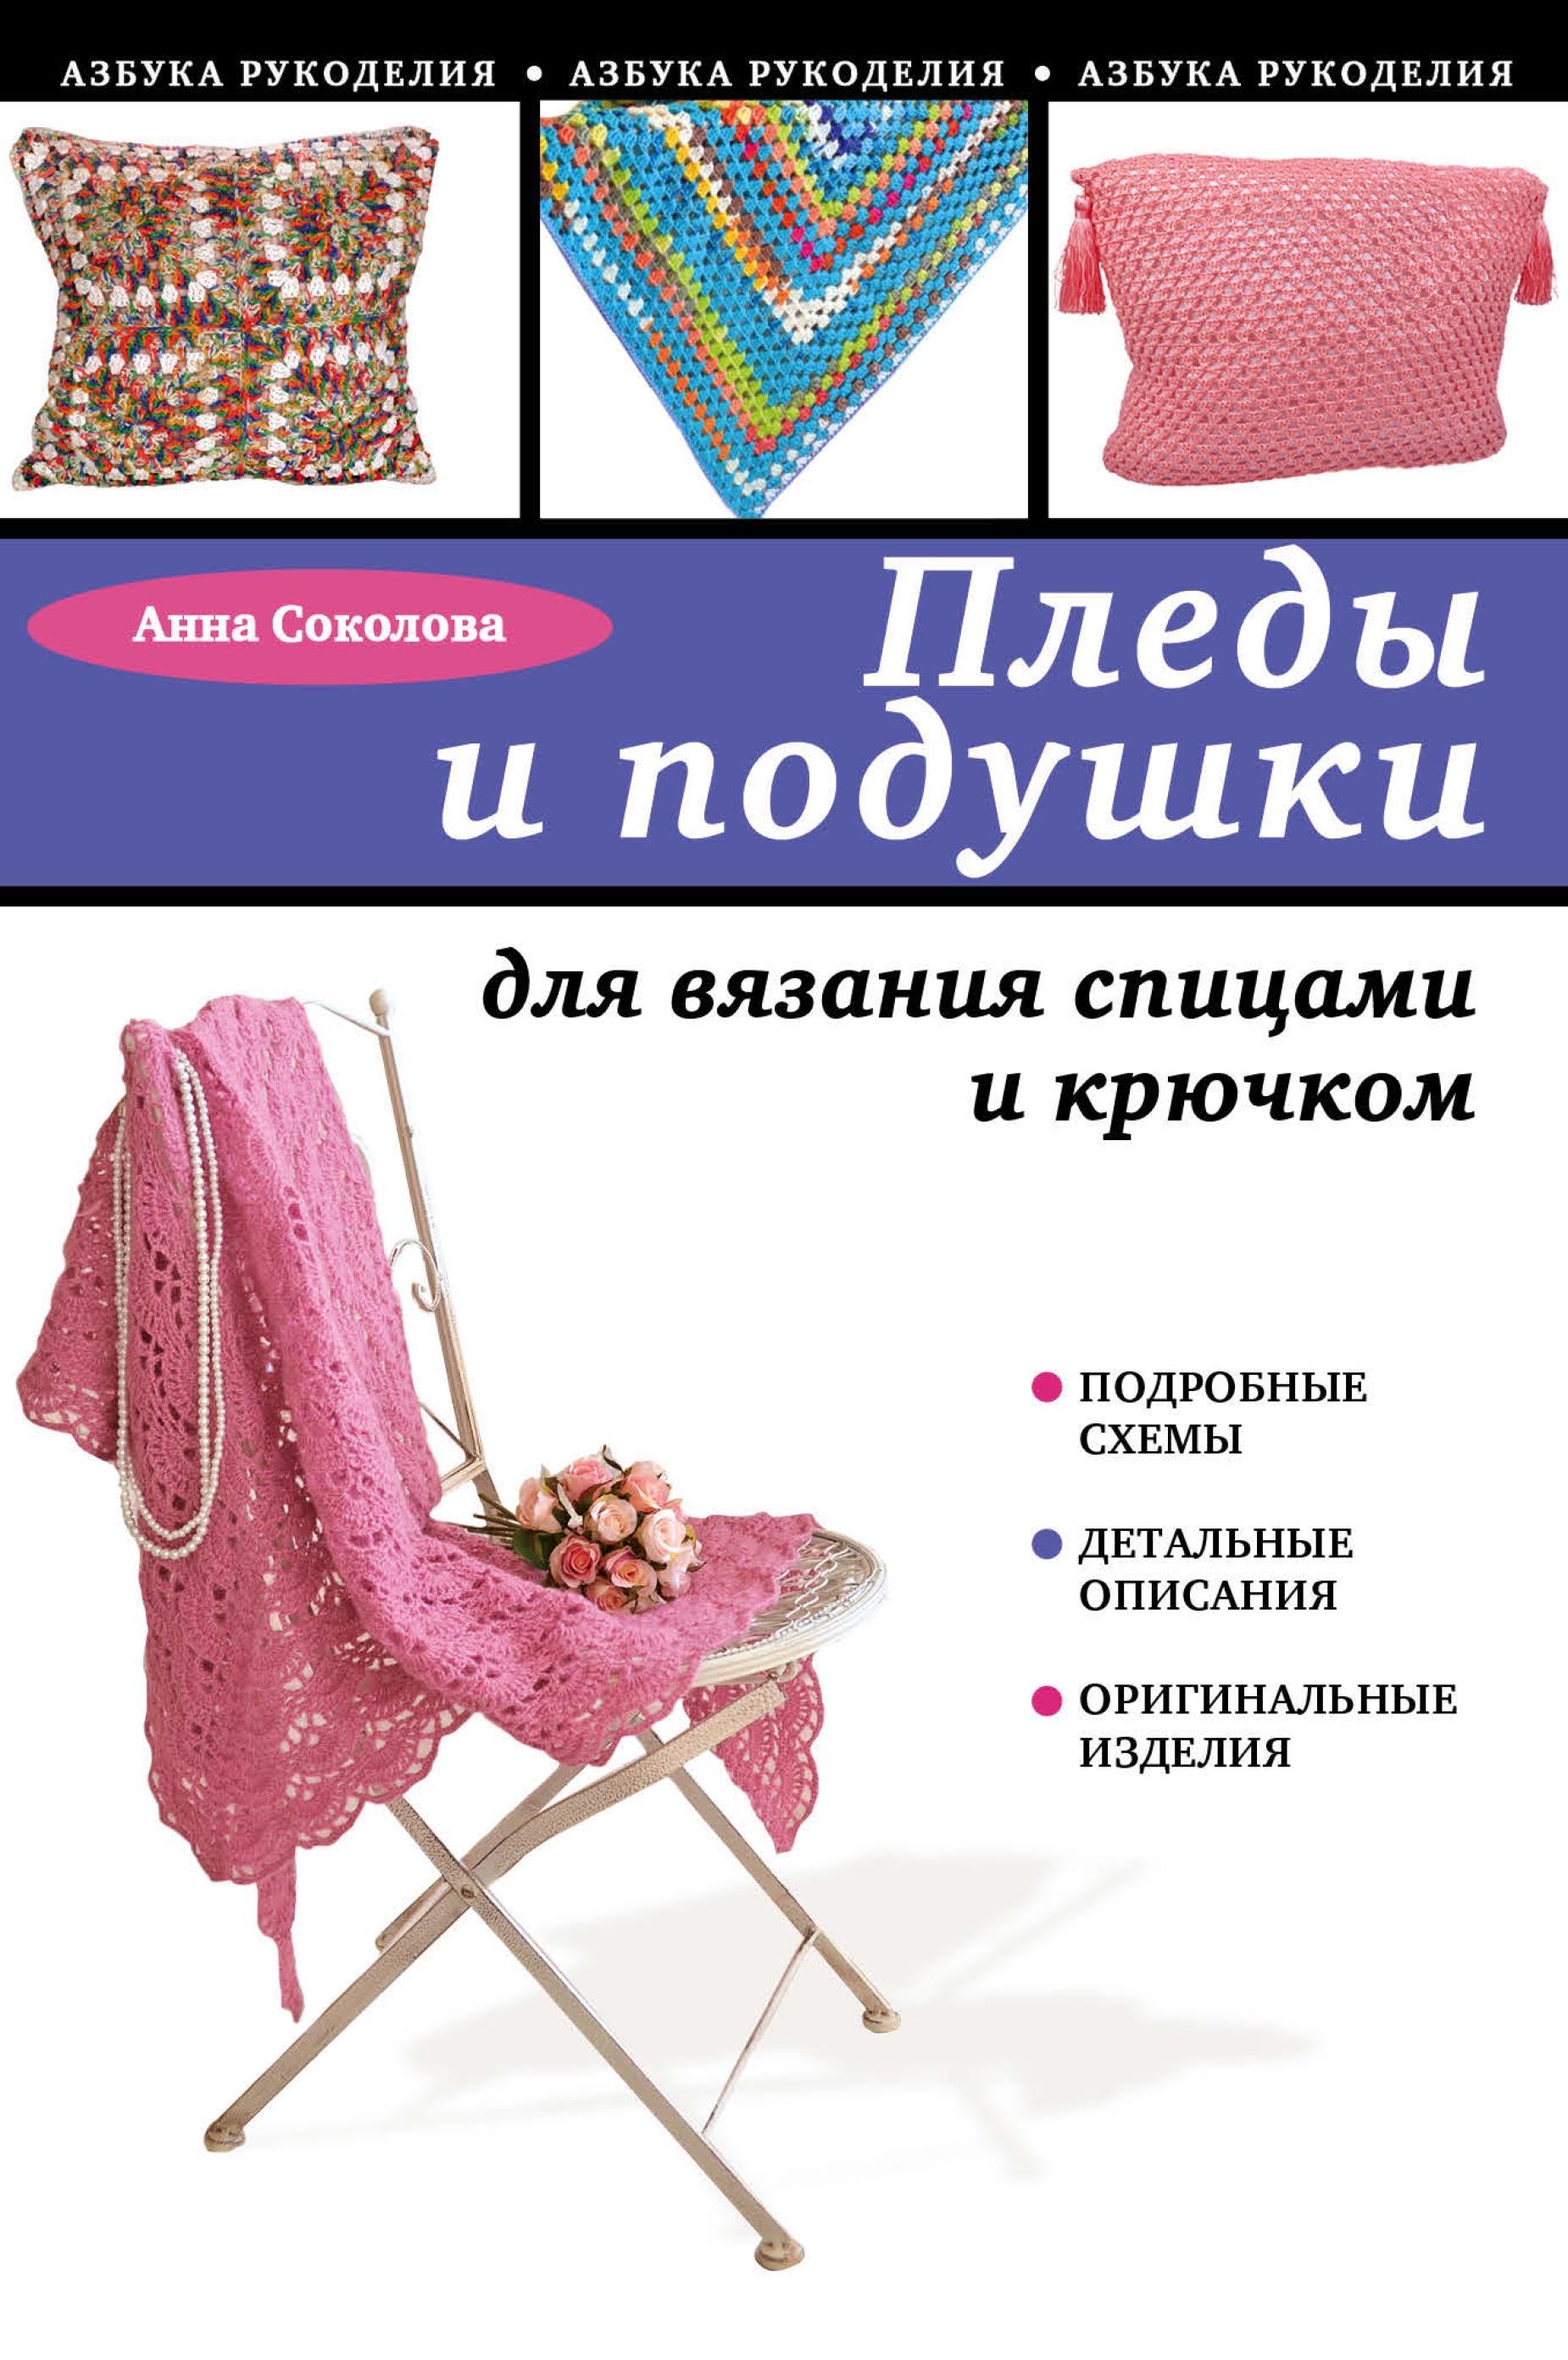 Анна Соколова Пледы и подушки для вязания спицами и крючком е а каминская вяжем подушки салфетки и пледы спицами и крючком